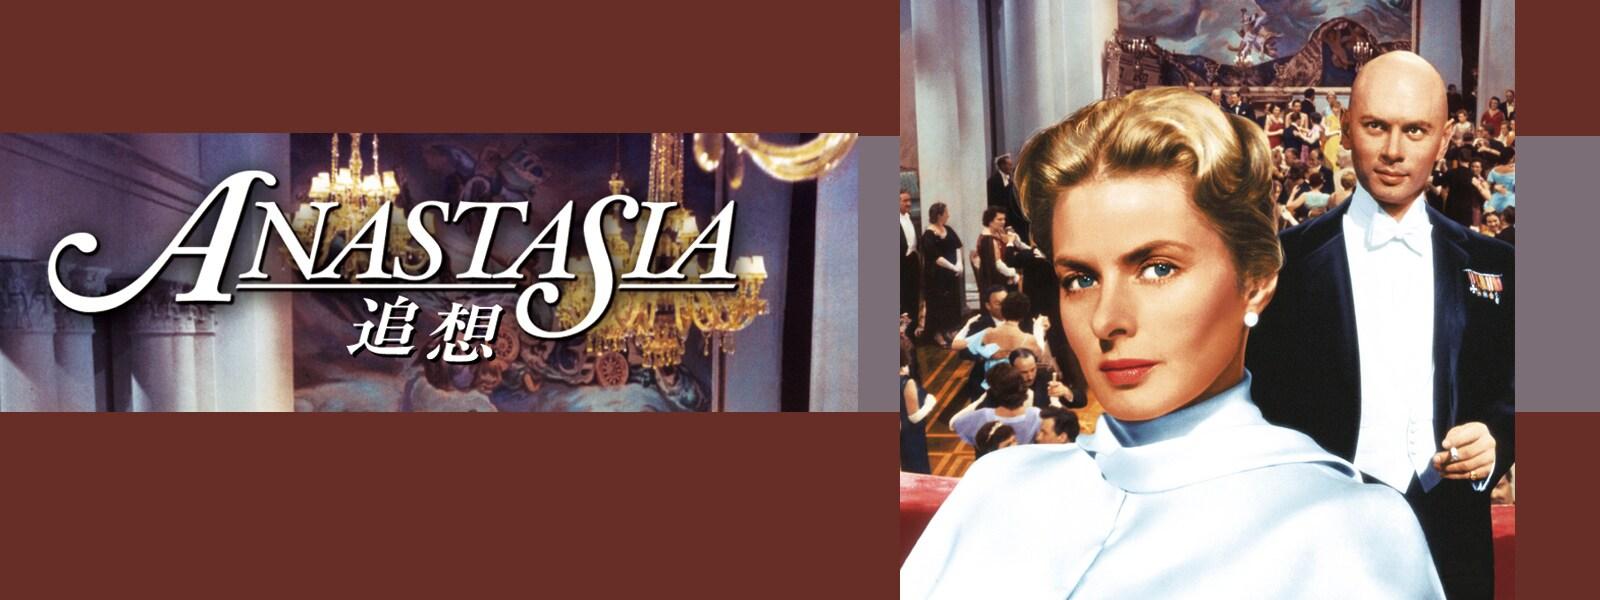 追想|Anastasia Hero Object